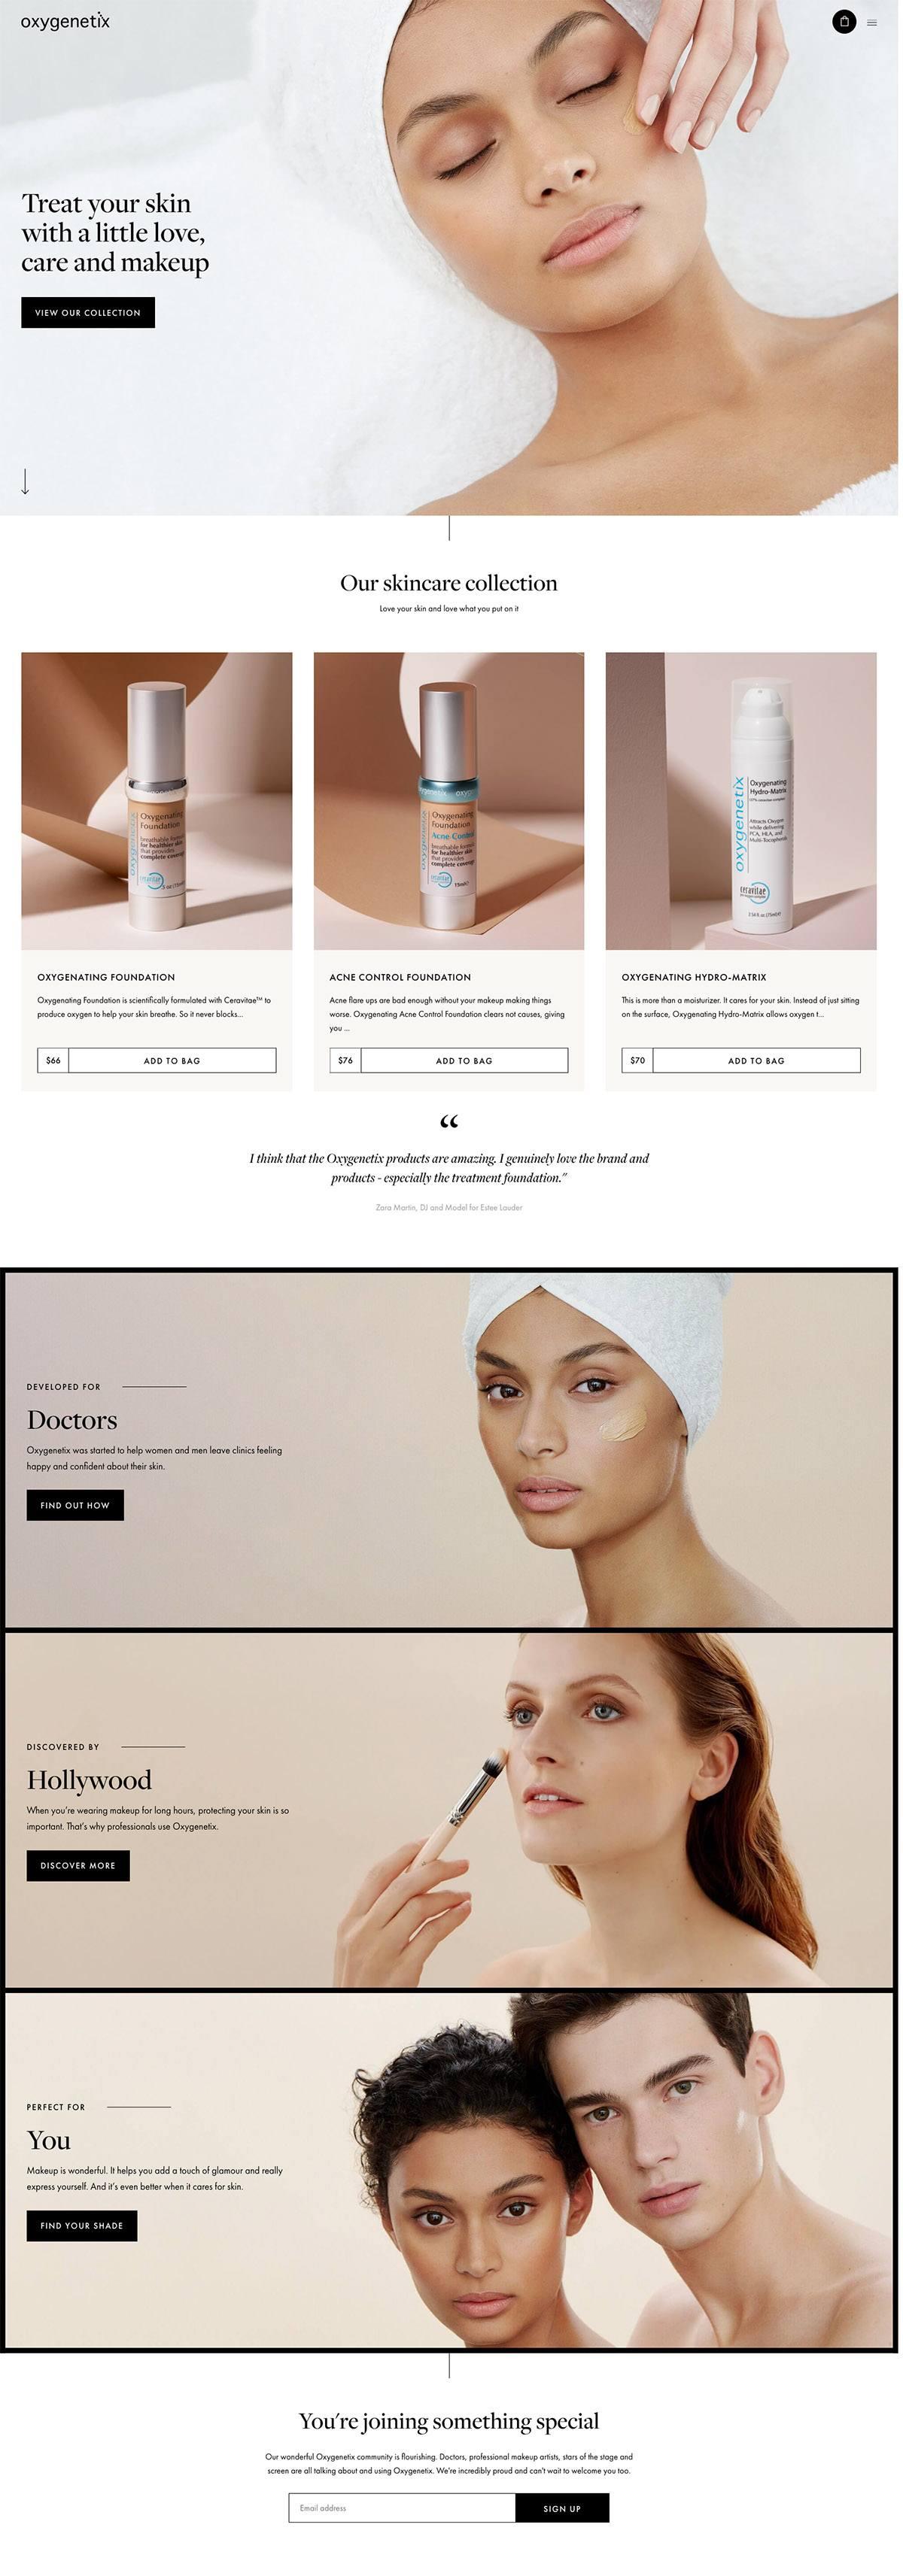 eCommerce website: Oxygenetix